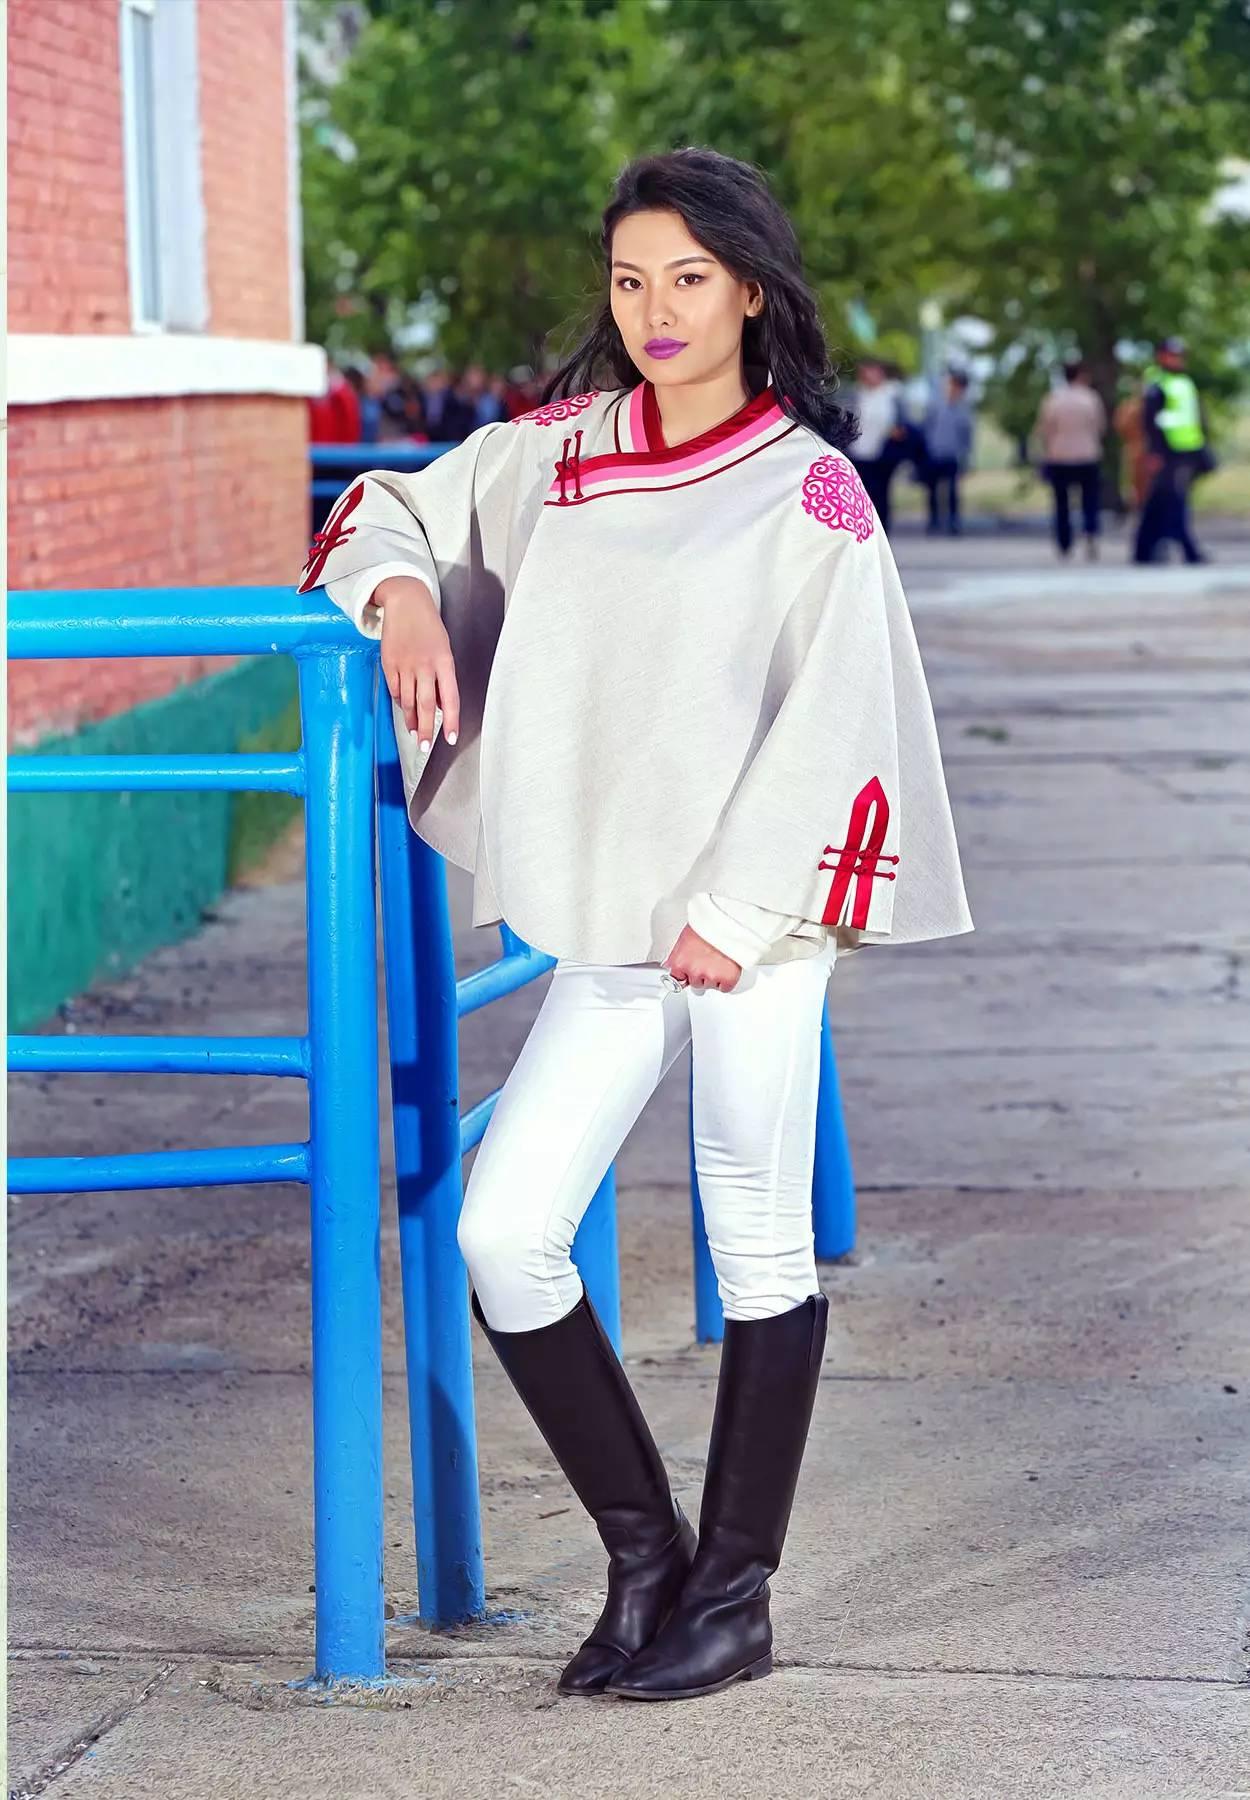 【蒙古服饰】蒙古国知名大牌GOBI 最新流行服饰展播 美呆了 第7张